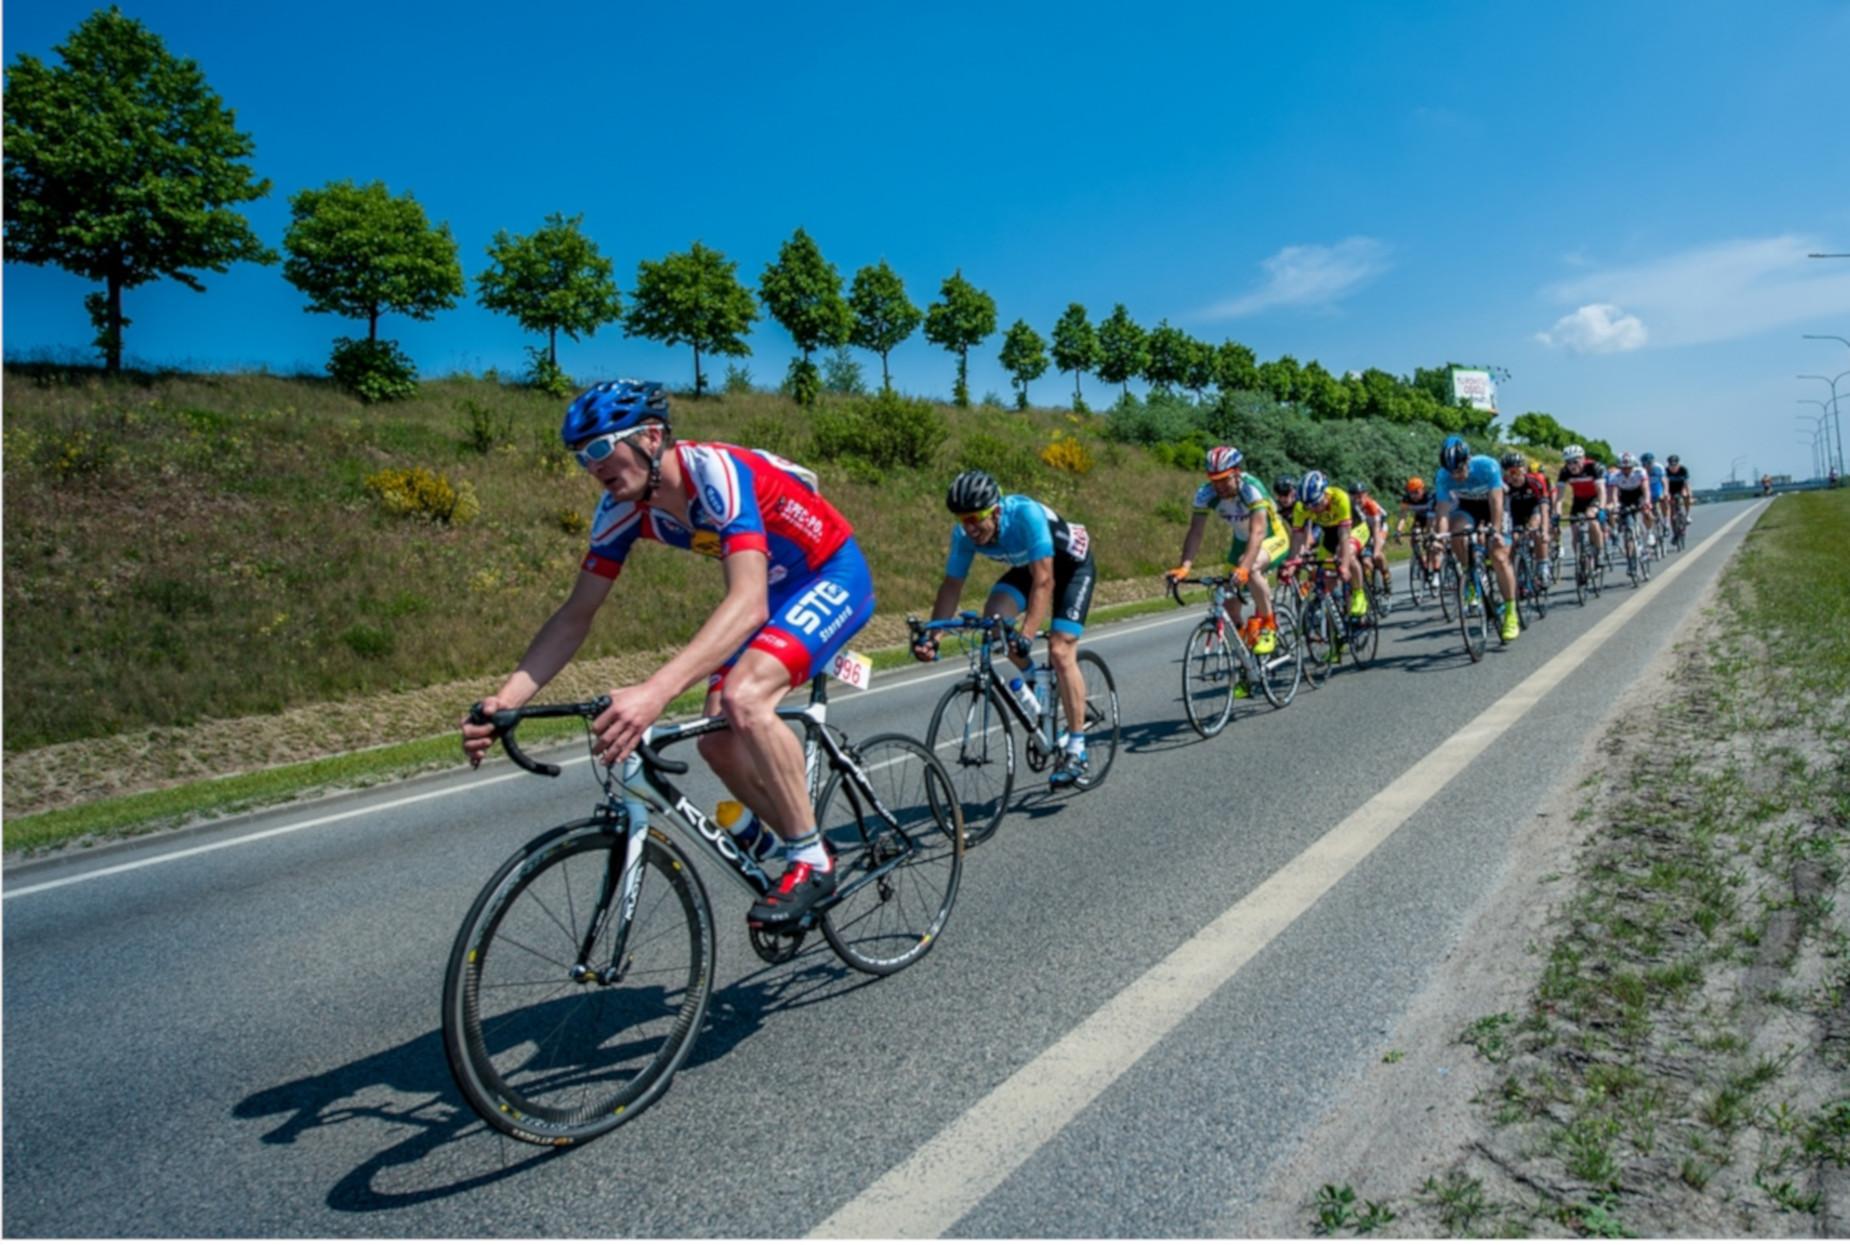 Ten weekend w Gdańsku będzie należeć do rowerzystów. Czesław Lang zaprasza na wyścig szosowy i górski maraton